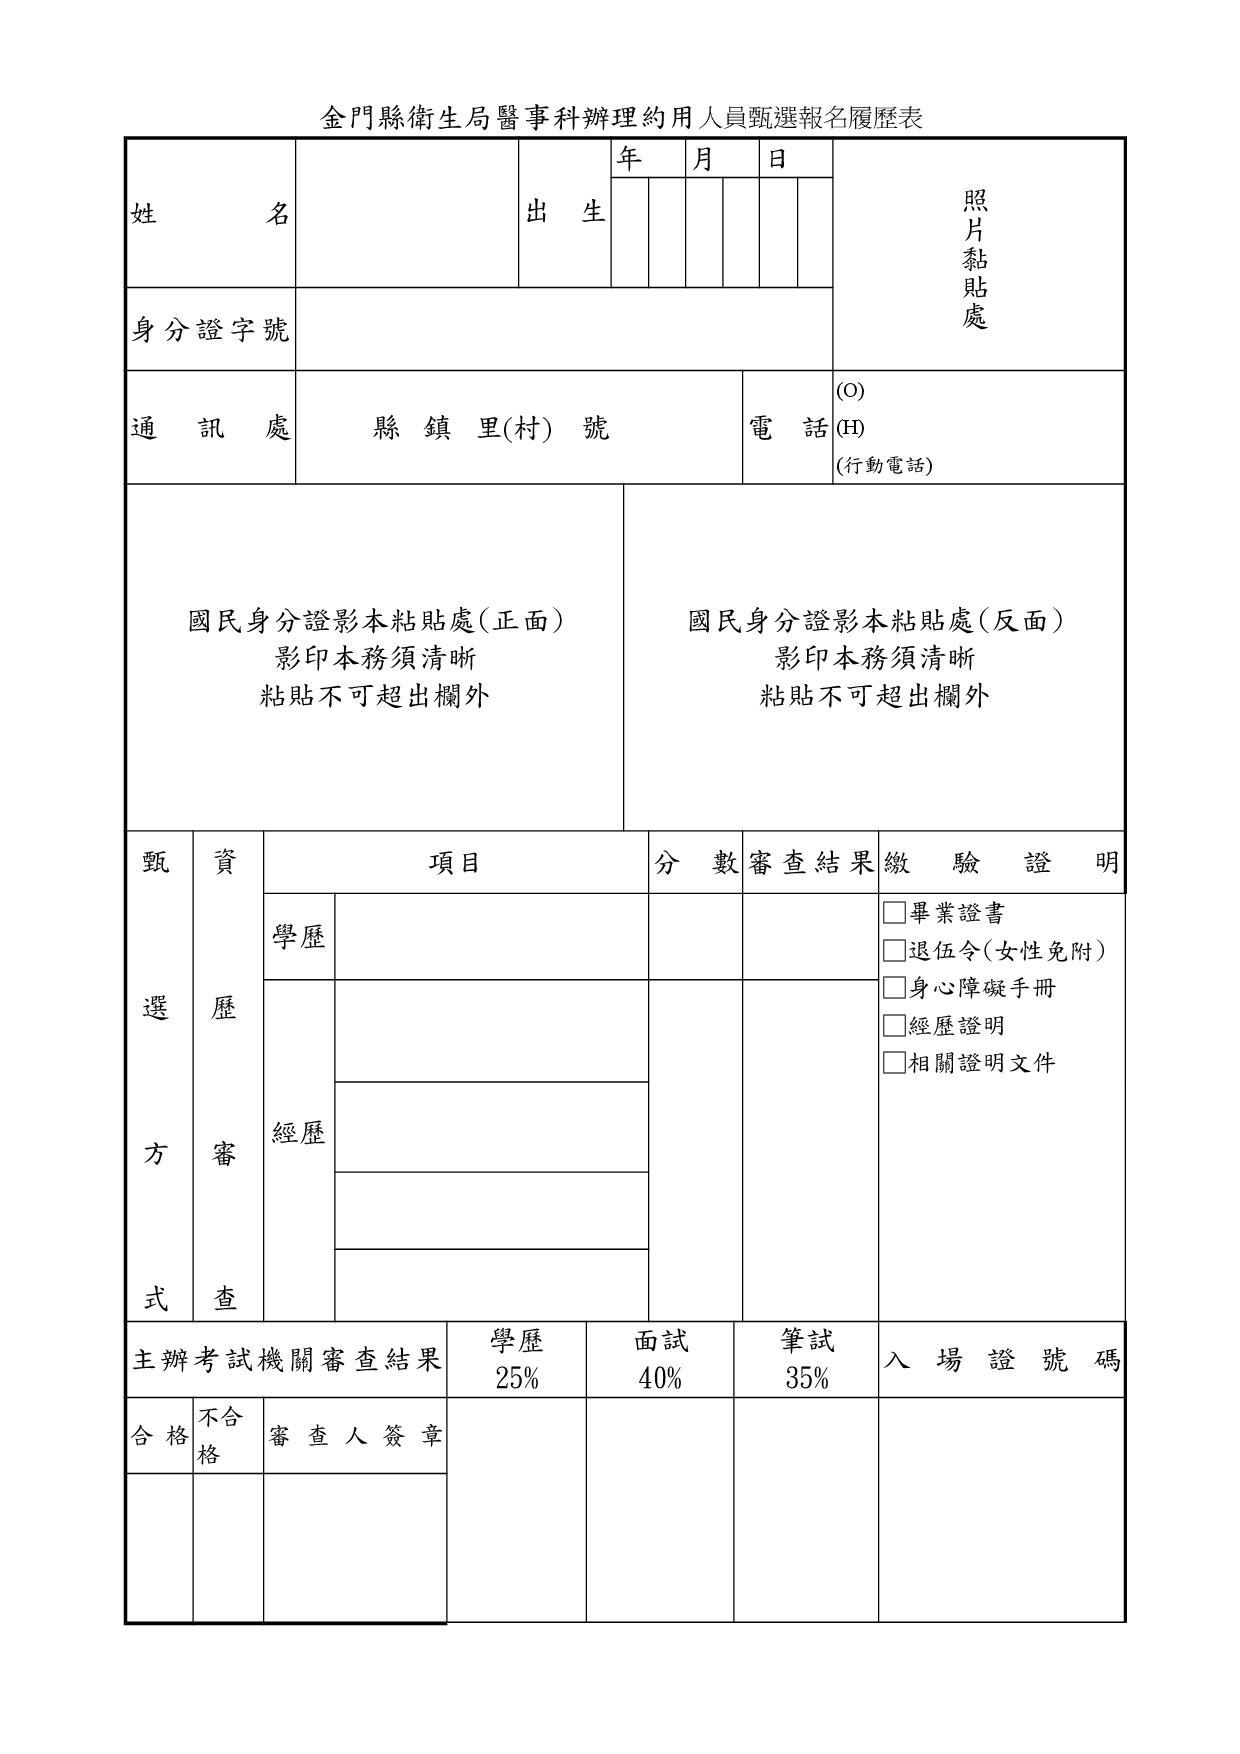 約用人員報名履歷表